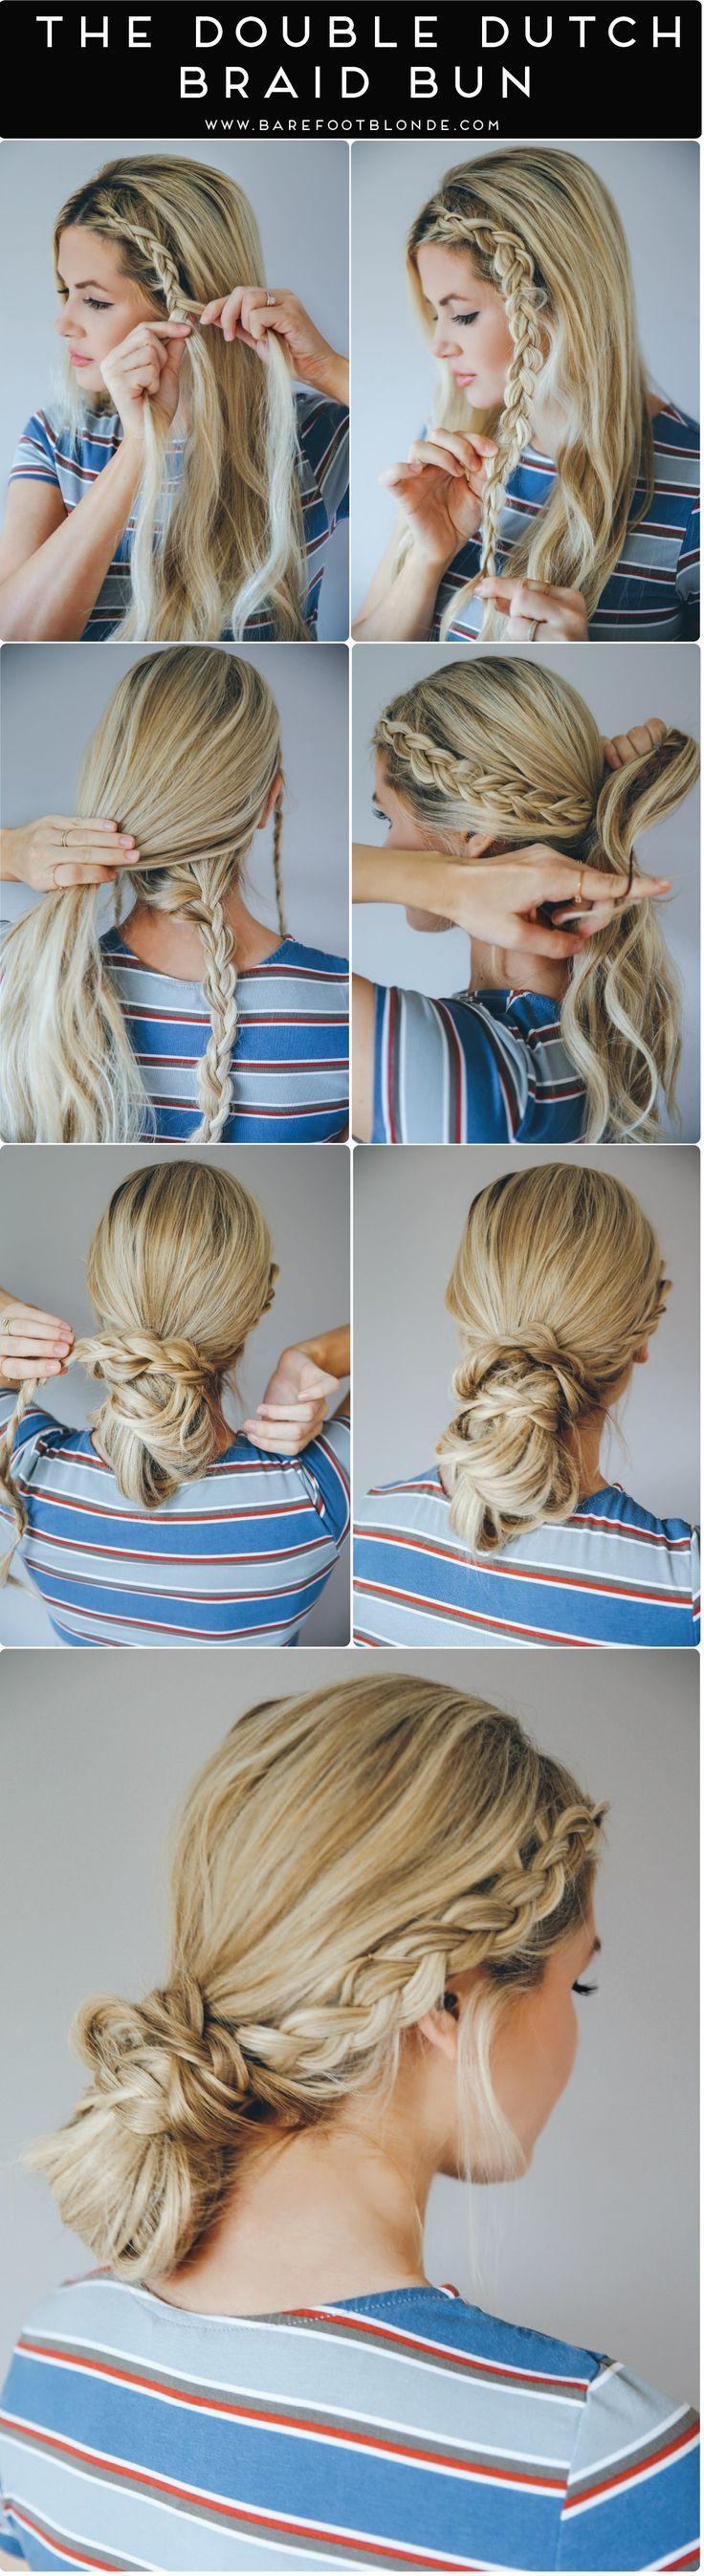 129 best Hair images on Pinterest